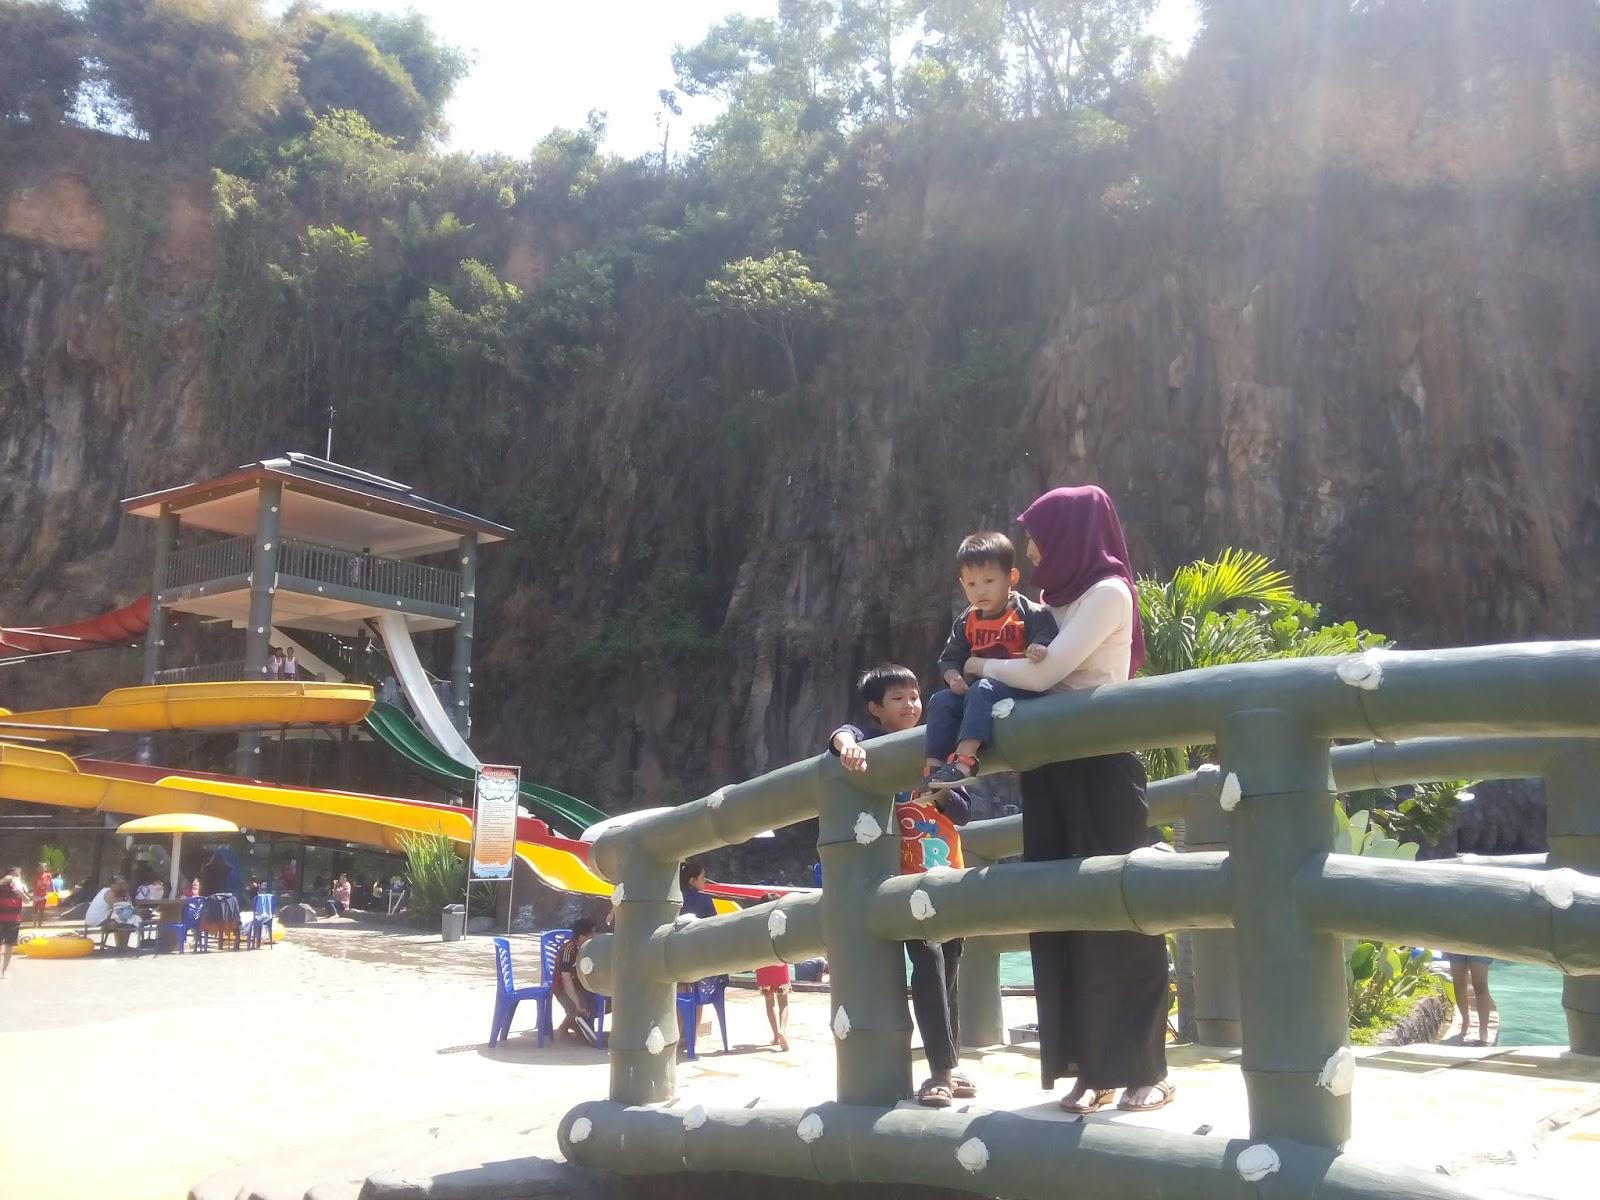 Journey Writing Skill Wisata Air Pesona Nirwana Dok Pribadi Taman